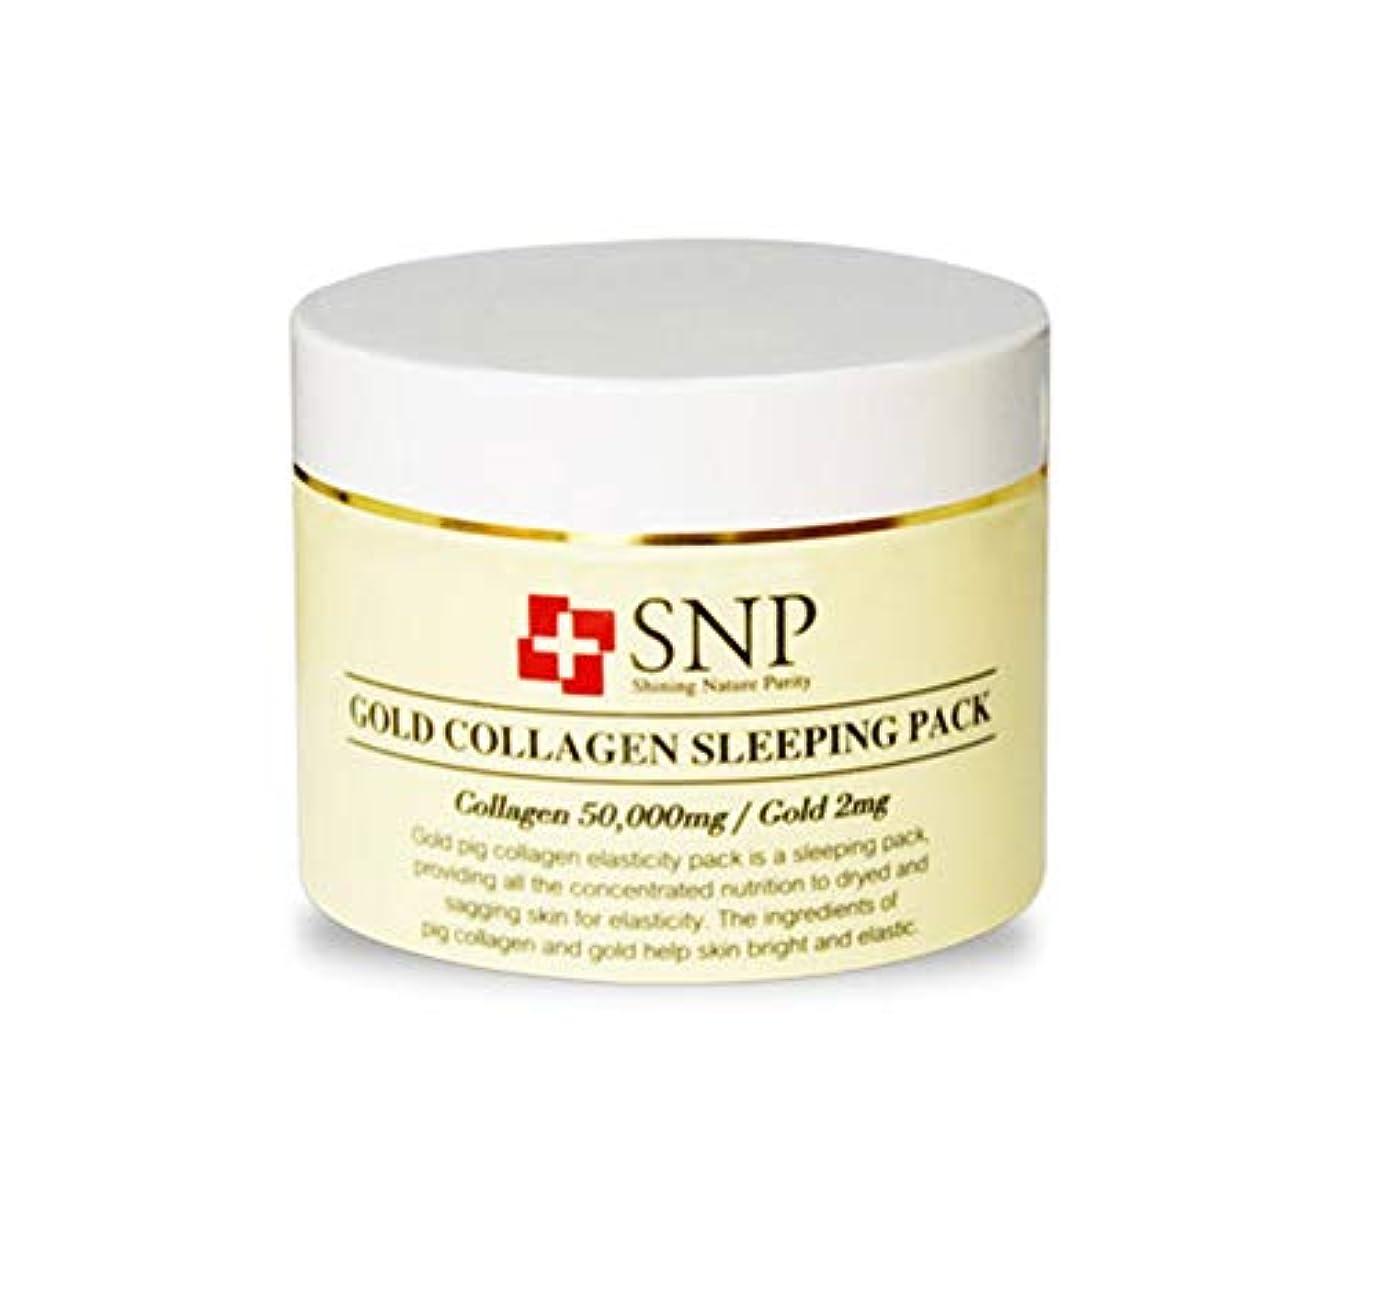 平凡愛情深い下向きエスエンピSNP 韓国コスメ ゴールドコラーゲンスリーピングパック睡眠パック100g 海外直送品 SNP Gold Collagen Sleeping Pack Night Cream [並行輸入品]